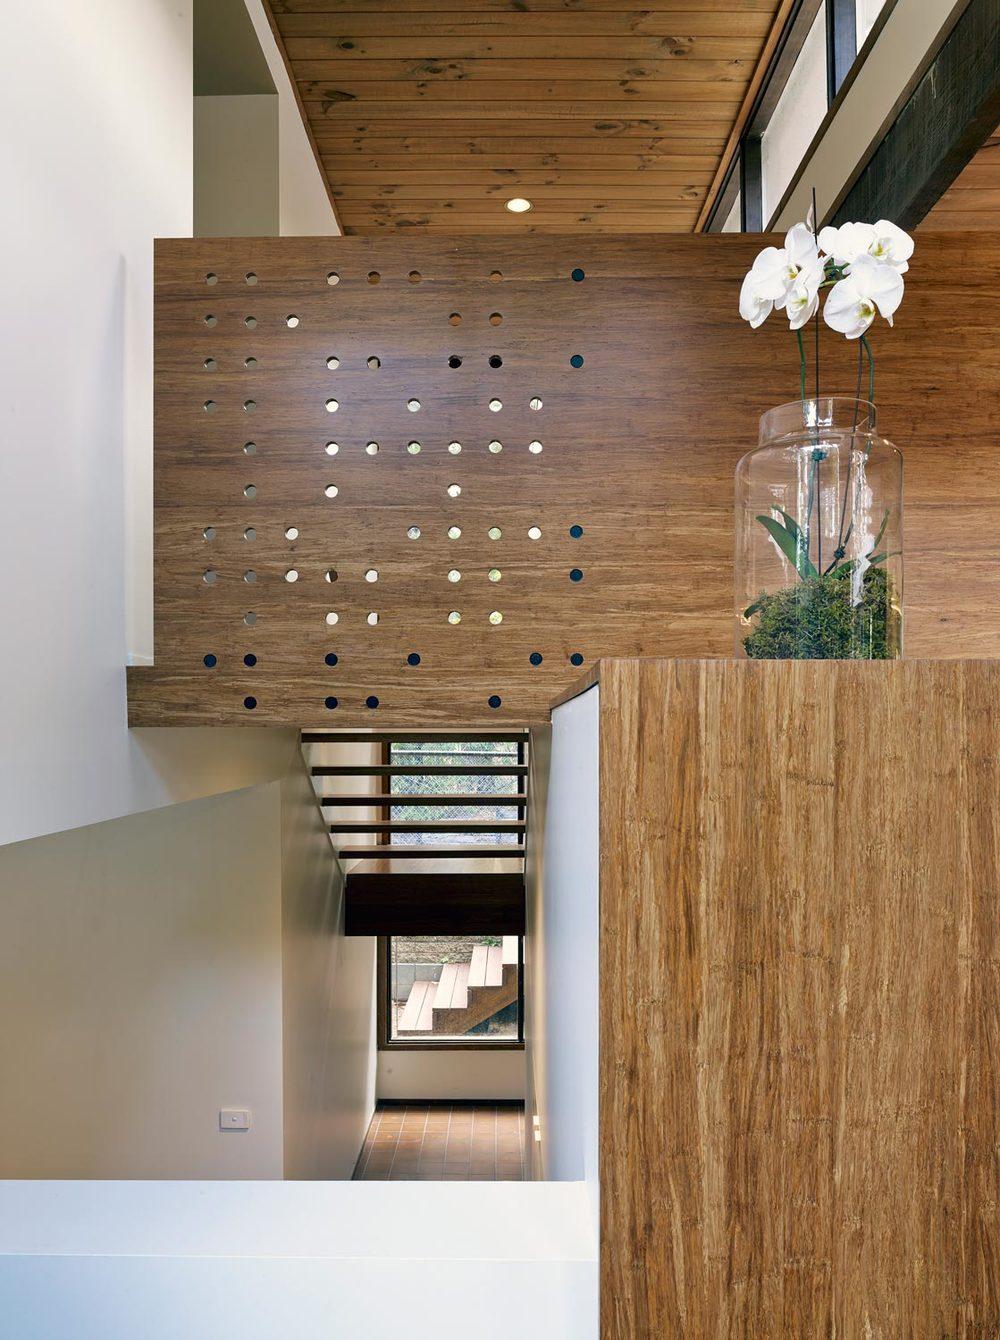 donvale-house-renovation-by-warc-studio-05.jpg